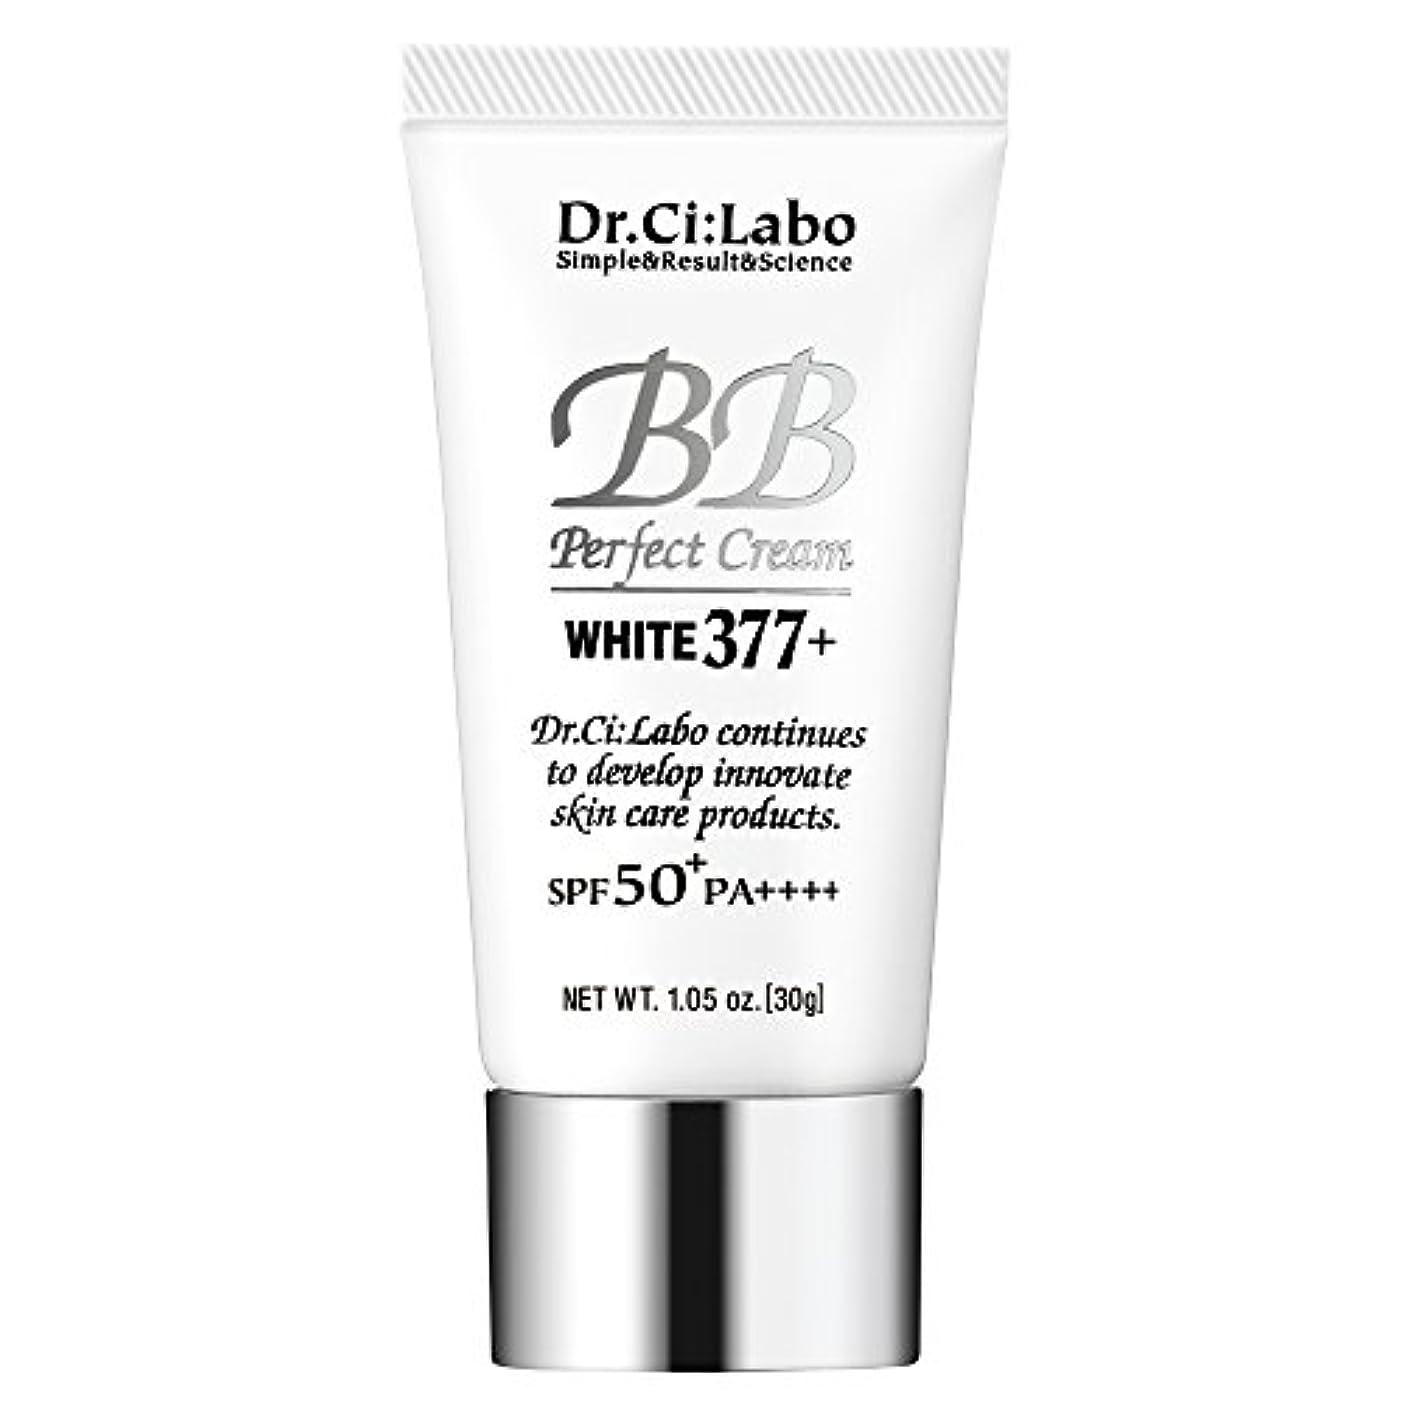 メイド鼻流行ドクターシーラボ BBパーフェクトクリーム ホワイト377+ 30g 多機能ファンデーション 化粧下地